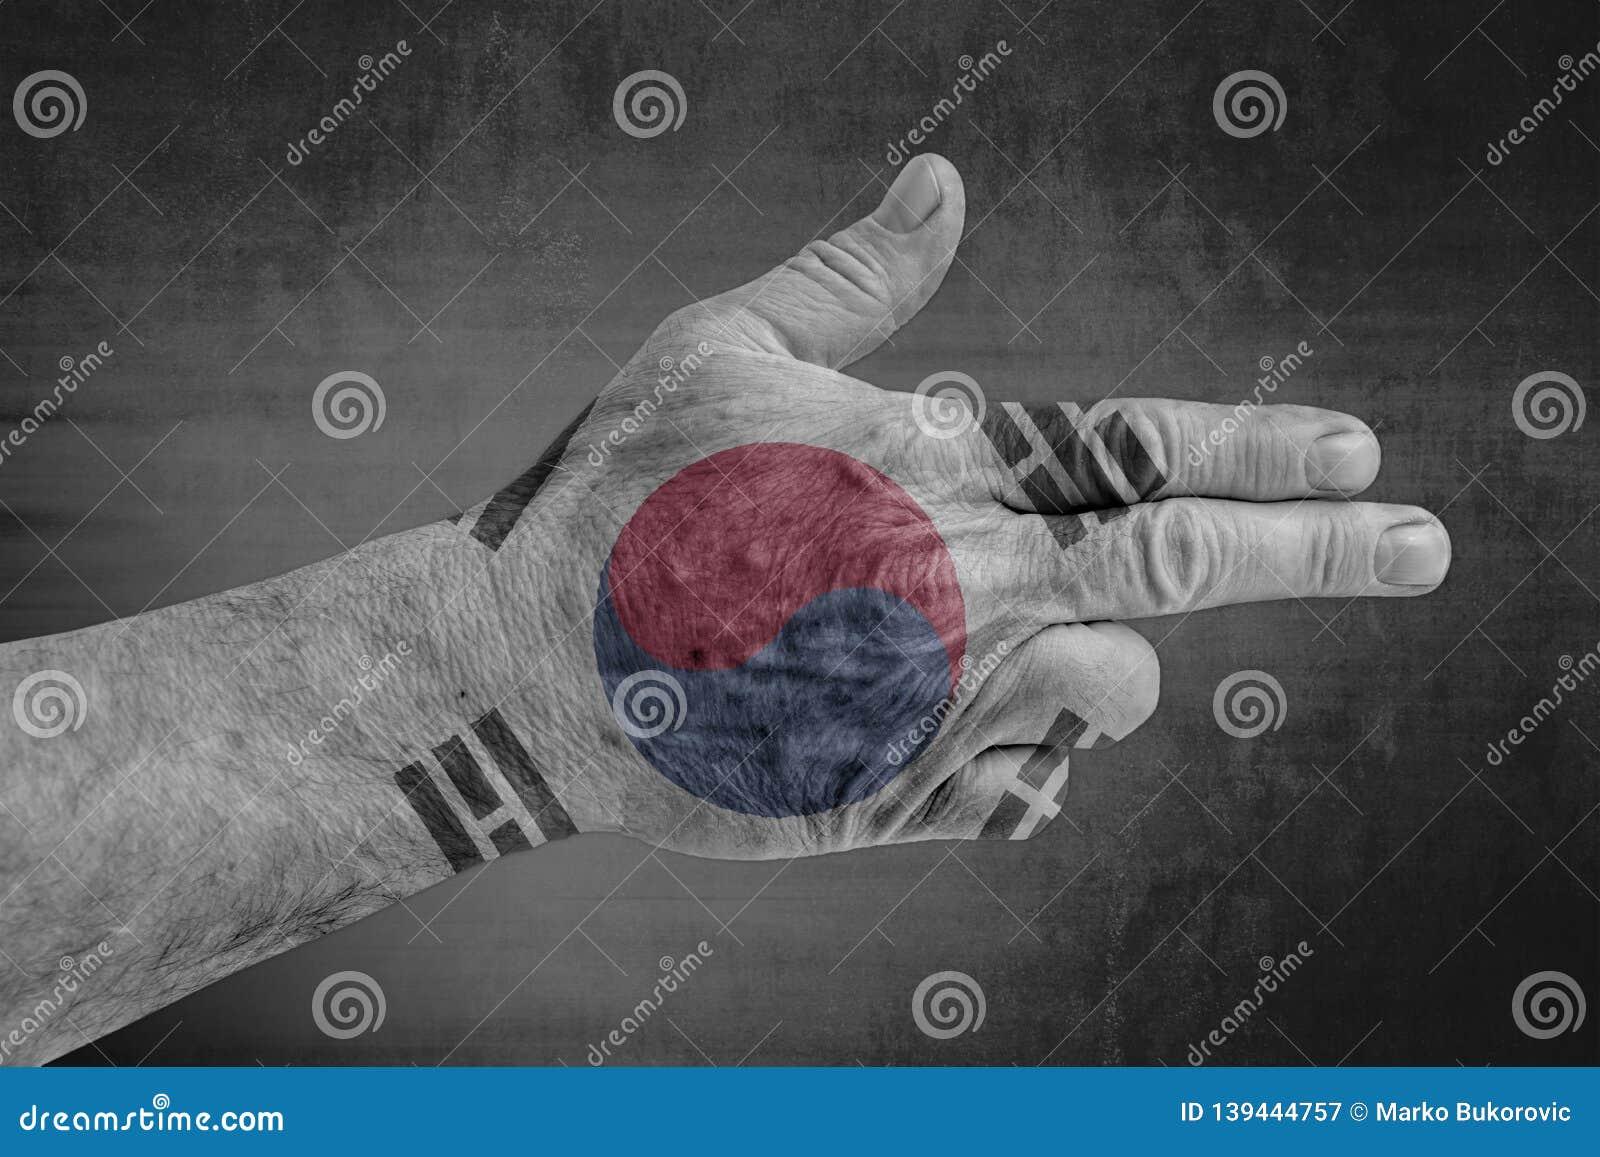 South Korea flag painted on male hand like a gun